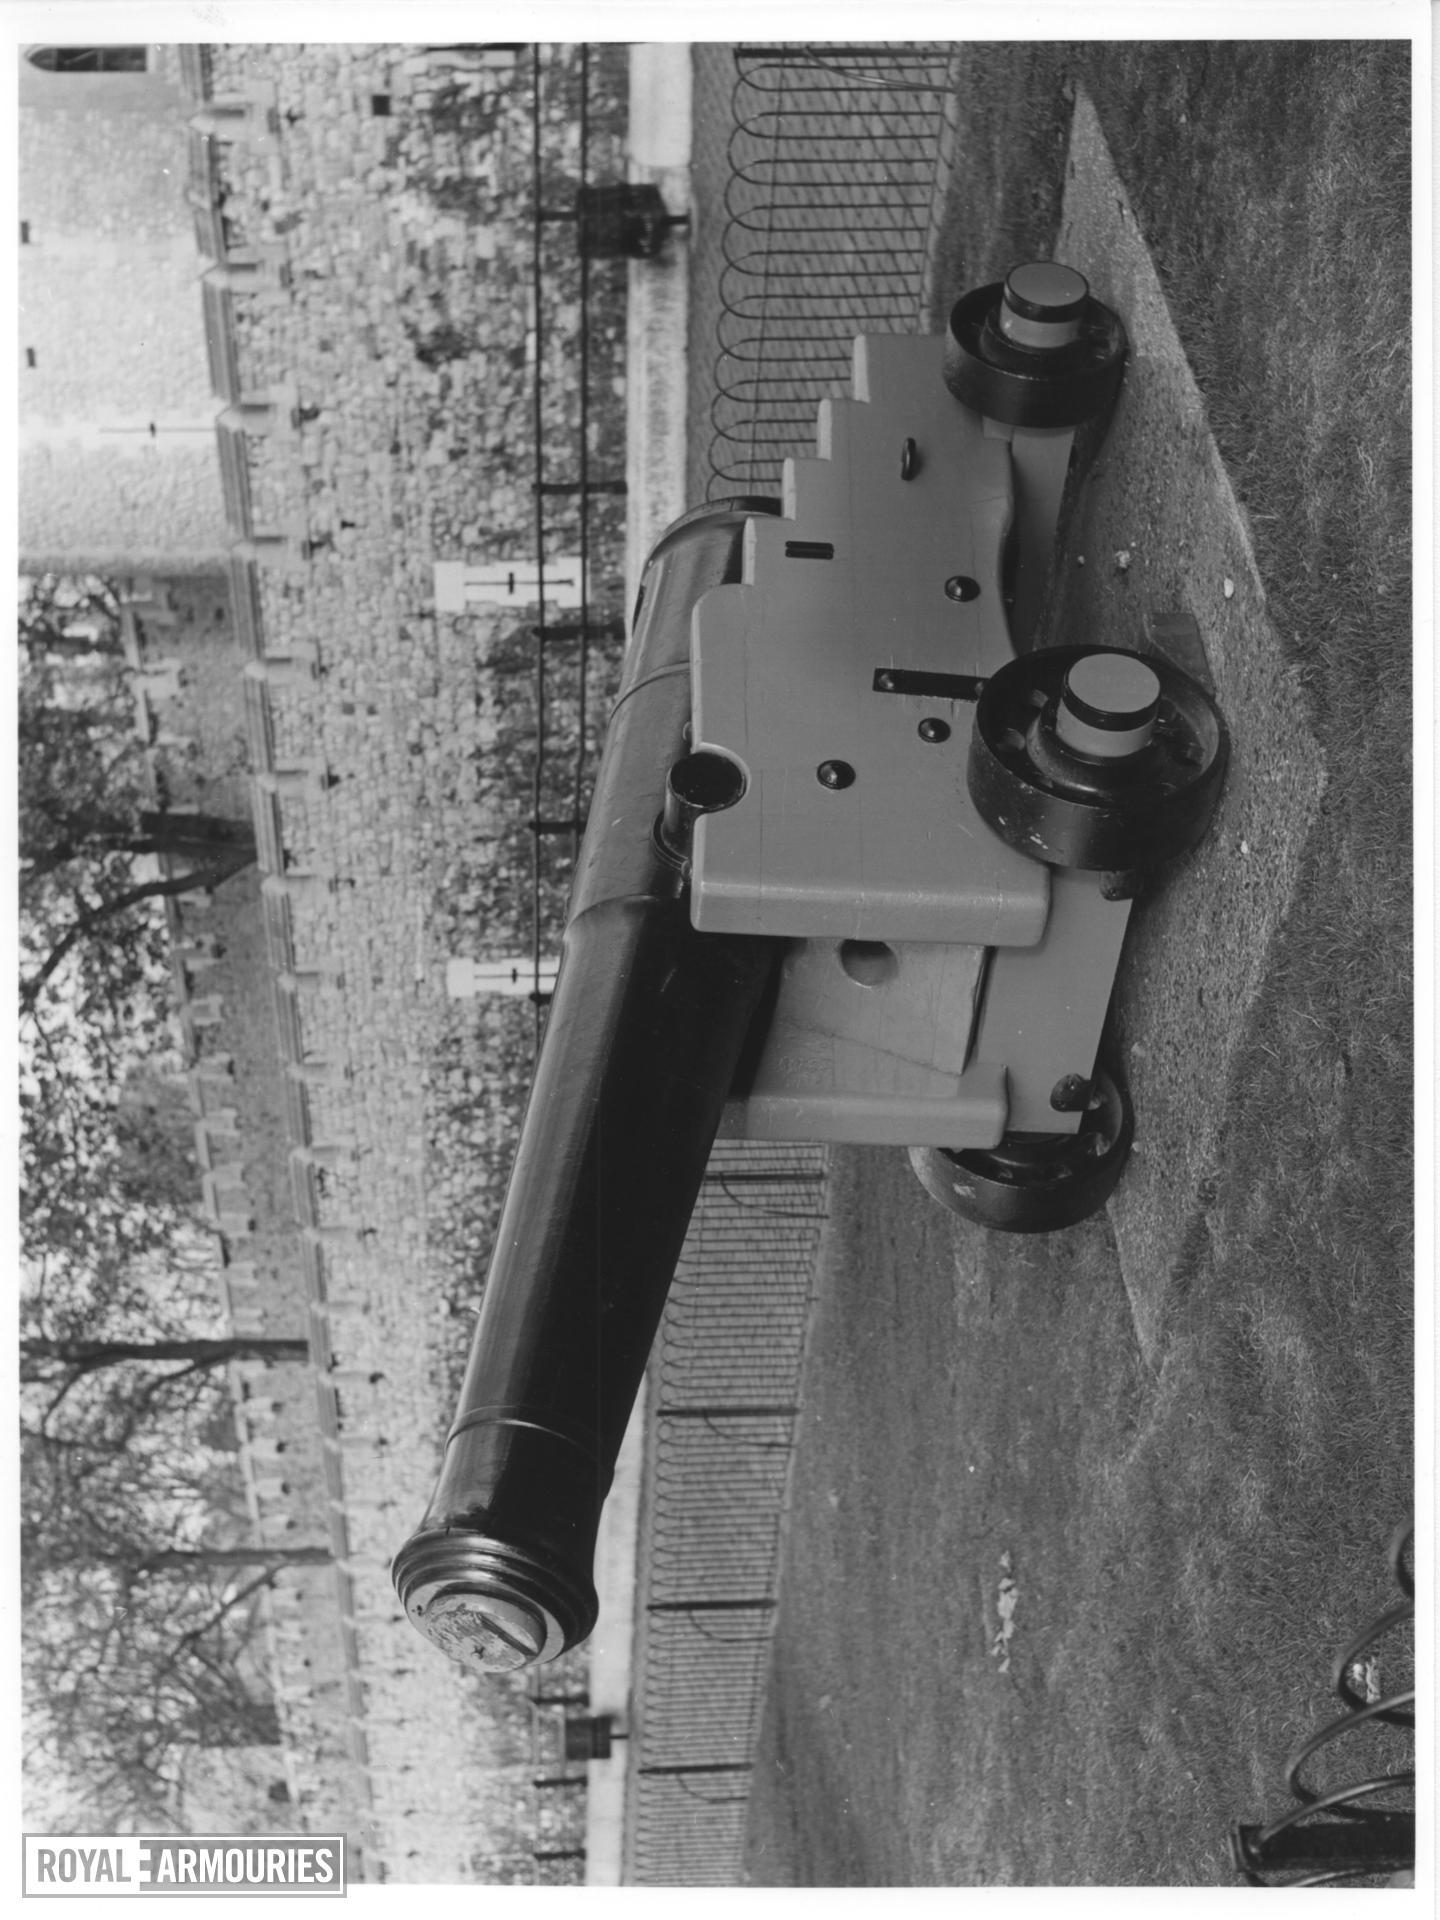 32 pr gun and garrison carriage - Monk Pattern